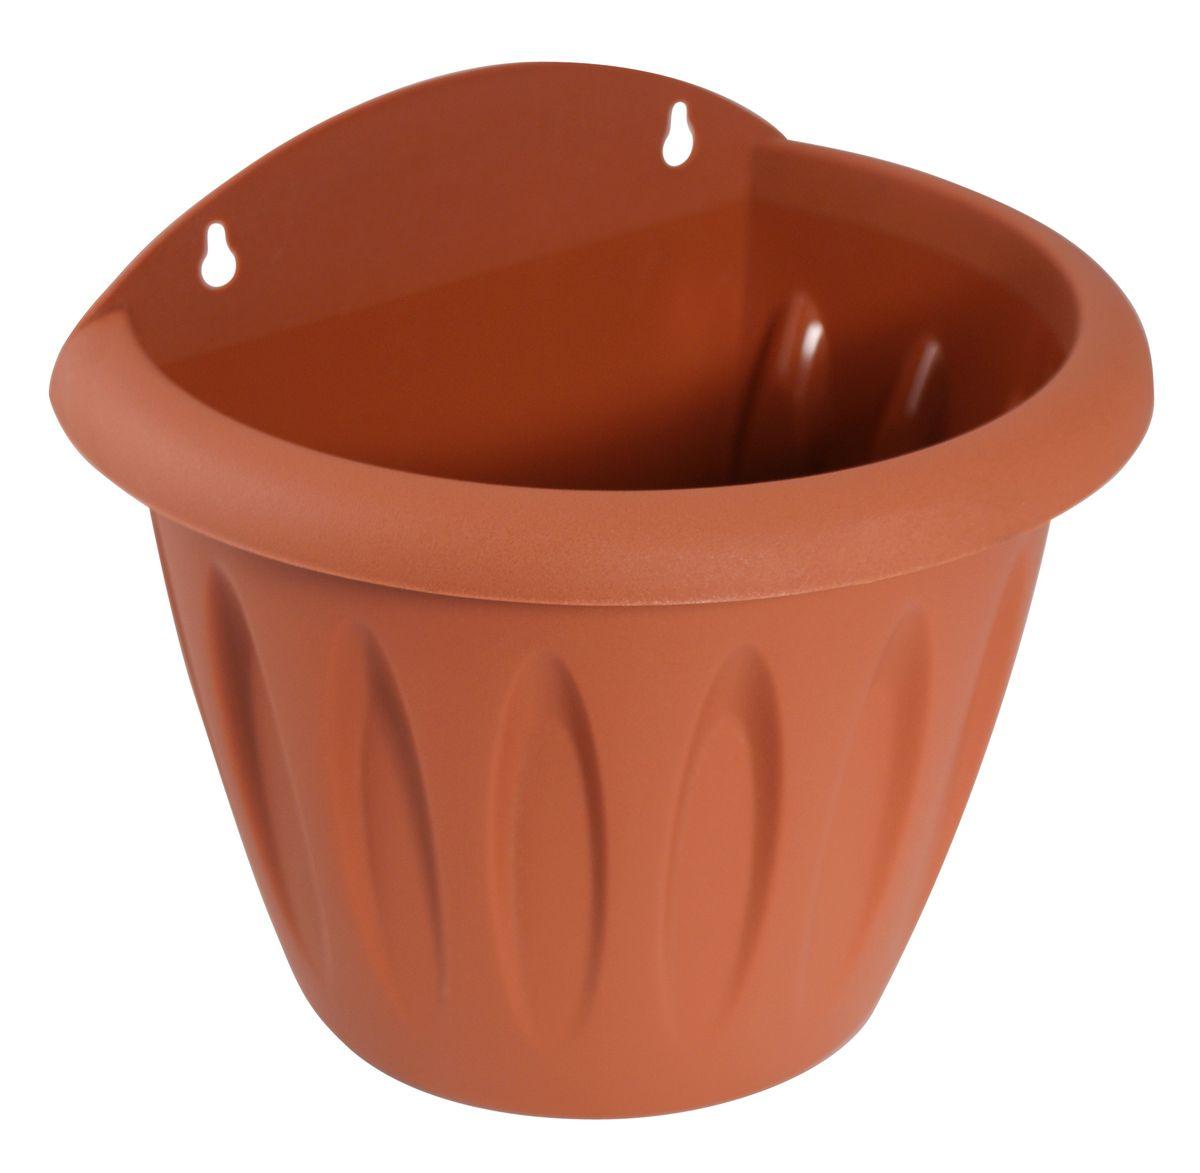 Кашпо настенное Martika Фелиция, цвет: терракотовый, 16 х 11,7 х 13,9 смMRC120TНастенное кашпо Martika Фелиция изготовлено из высококачественного пластика и имеет два удобных отверстия для крепления. Изделие прекрасно подойдет для выращивания растений дома и на приусадебных участках. Размер изделия: 16 х 11,7 х 13,9 см.